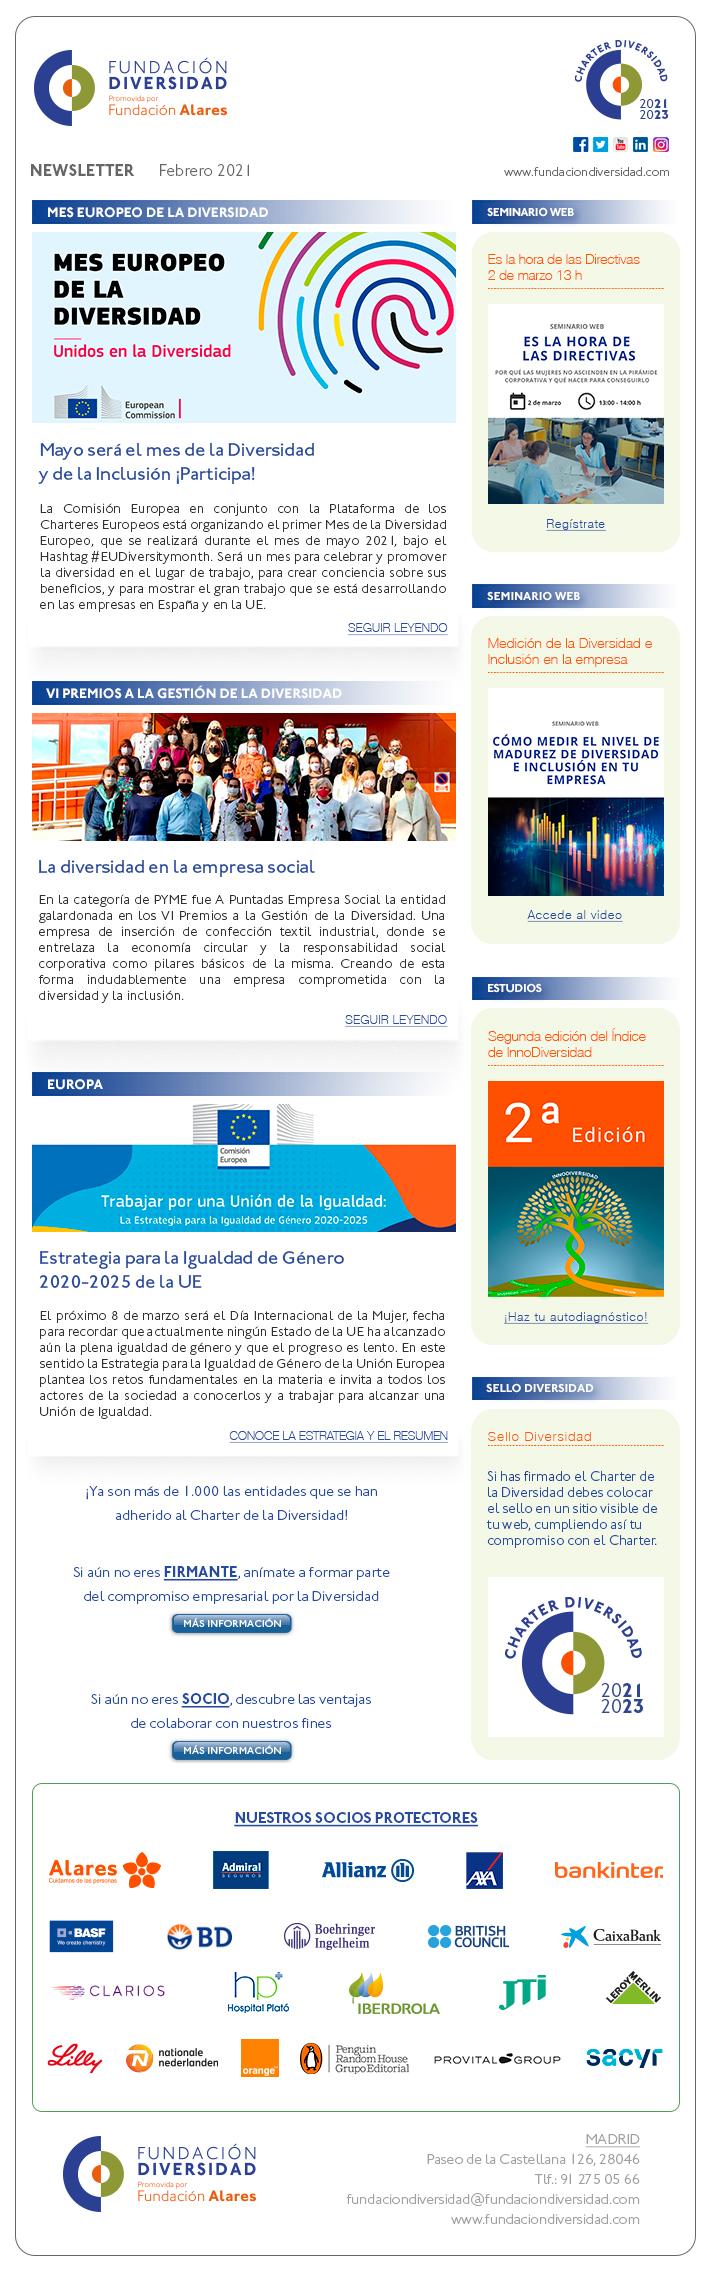 Newsletter Febrero 2021 | Fundación Diversidad